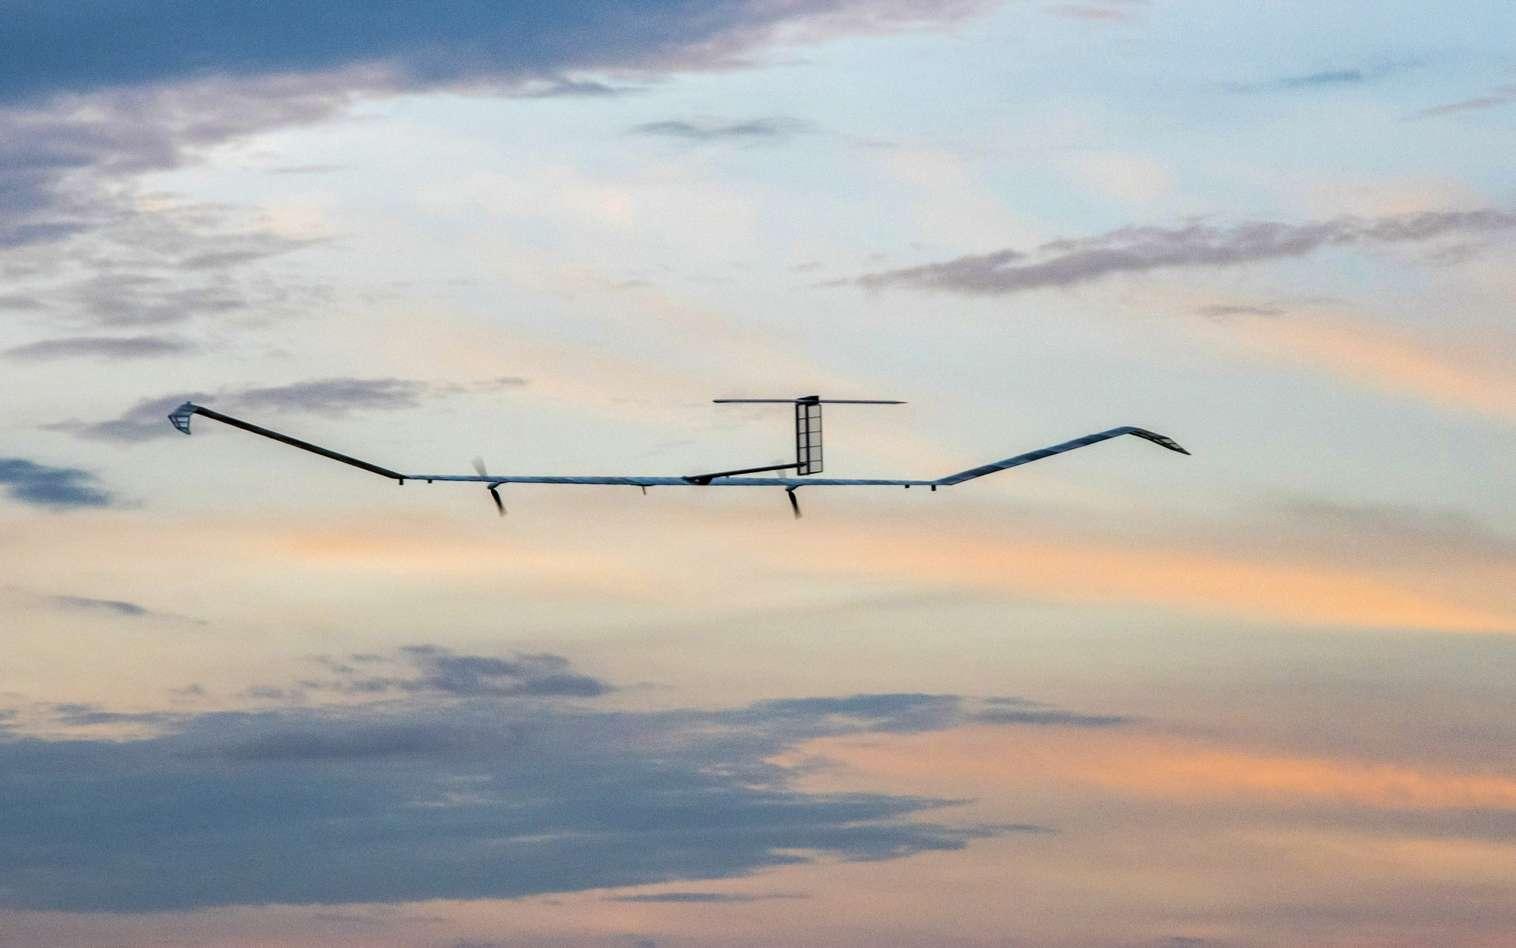 Le drone stratosphérique solaire Zephyr S d'Airbus se destine à diverses missions civiles ou militaires. © Airbus